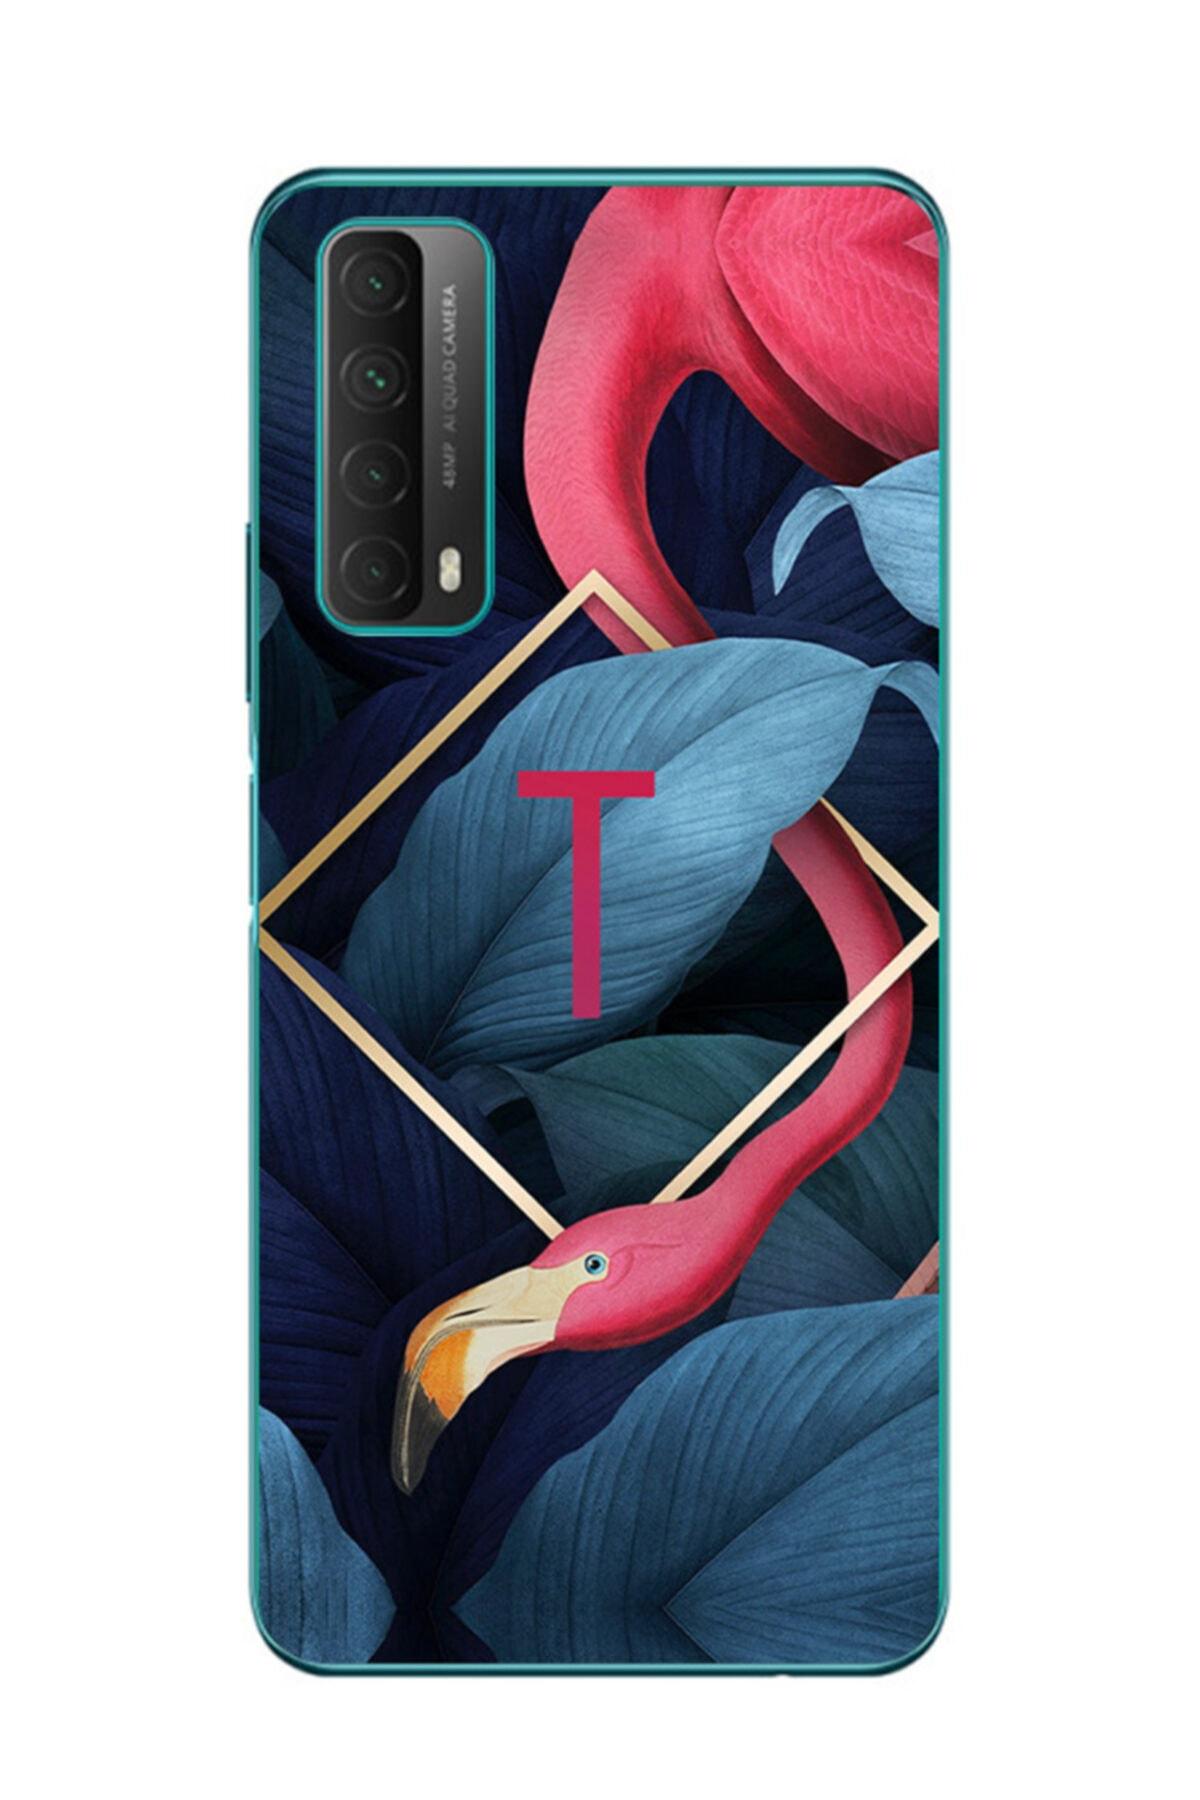 Dafhi Aksesuar Huawei P Smart 2021 Flamingo T Harfi Şeffaf Telefon Kılıfı  Fiyatı, Yorumları - TRENDYOL